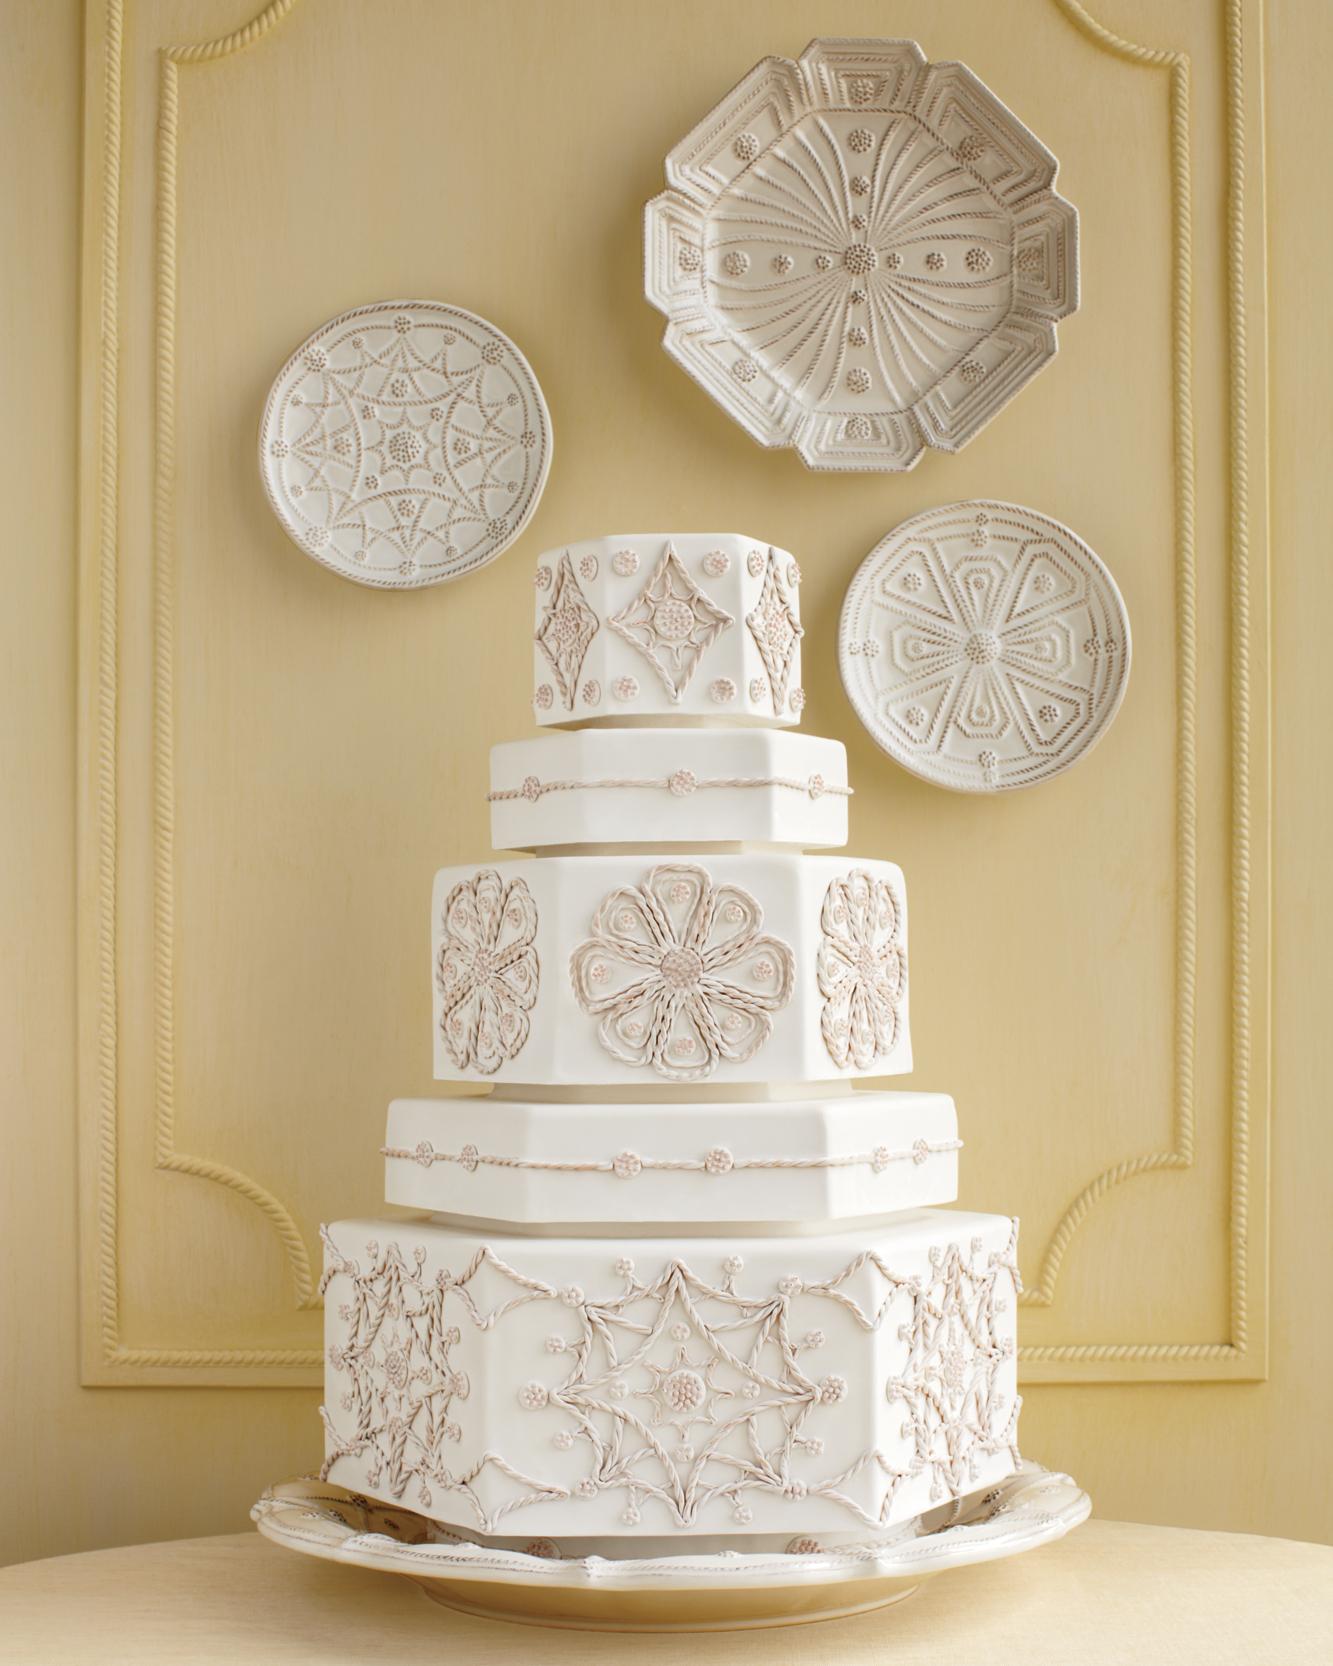 juliska-cake-mwd107844.jpg